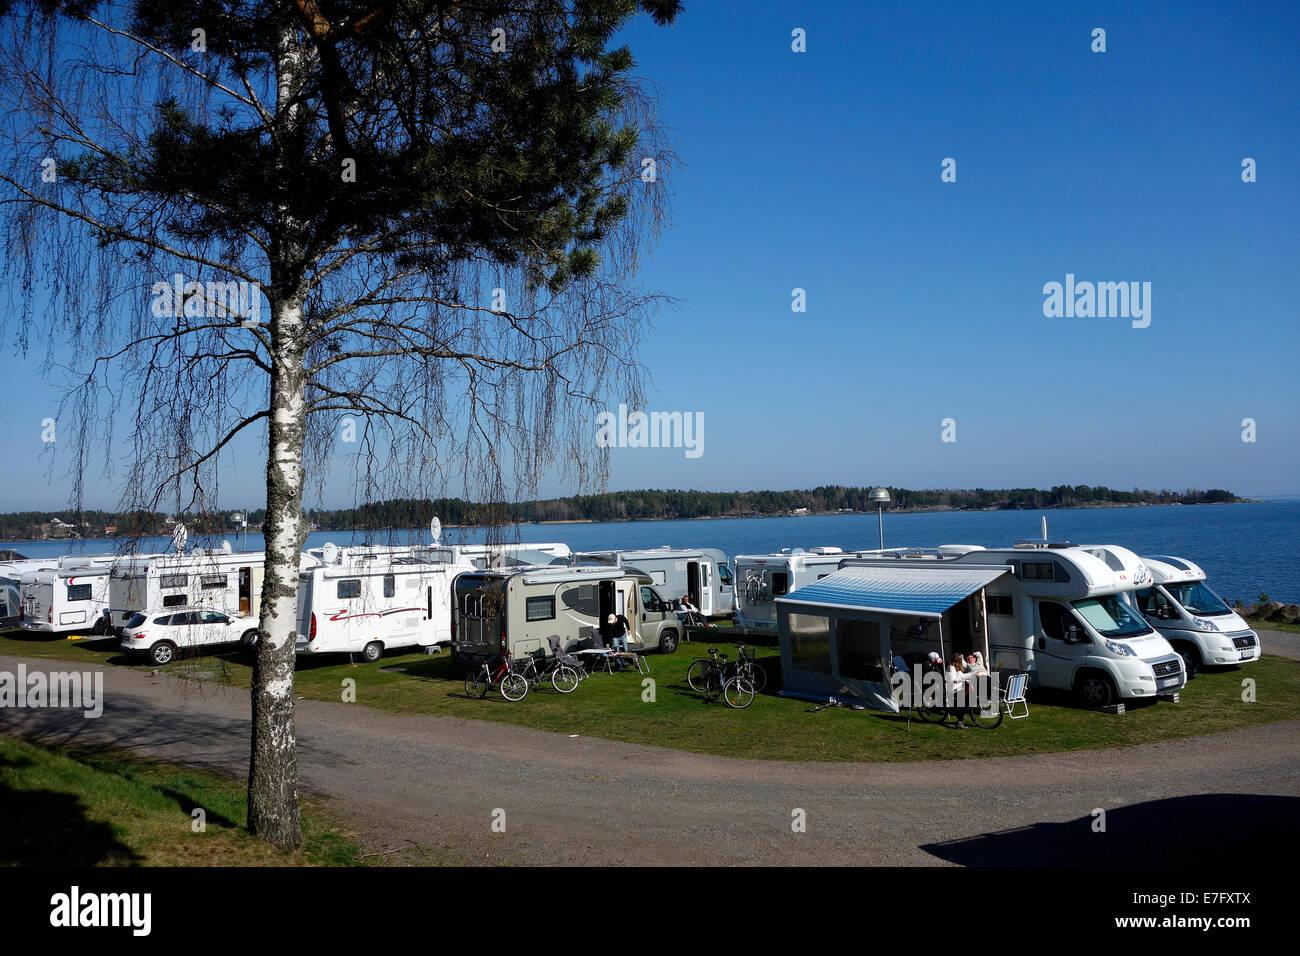 Veicolo per attività ricreative e roulotte linee fino a Örnäs Campeggio, Åmål, Svezia Immagini Stock